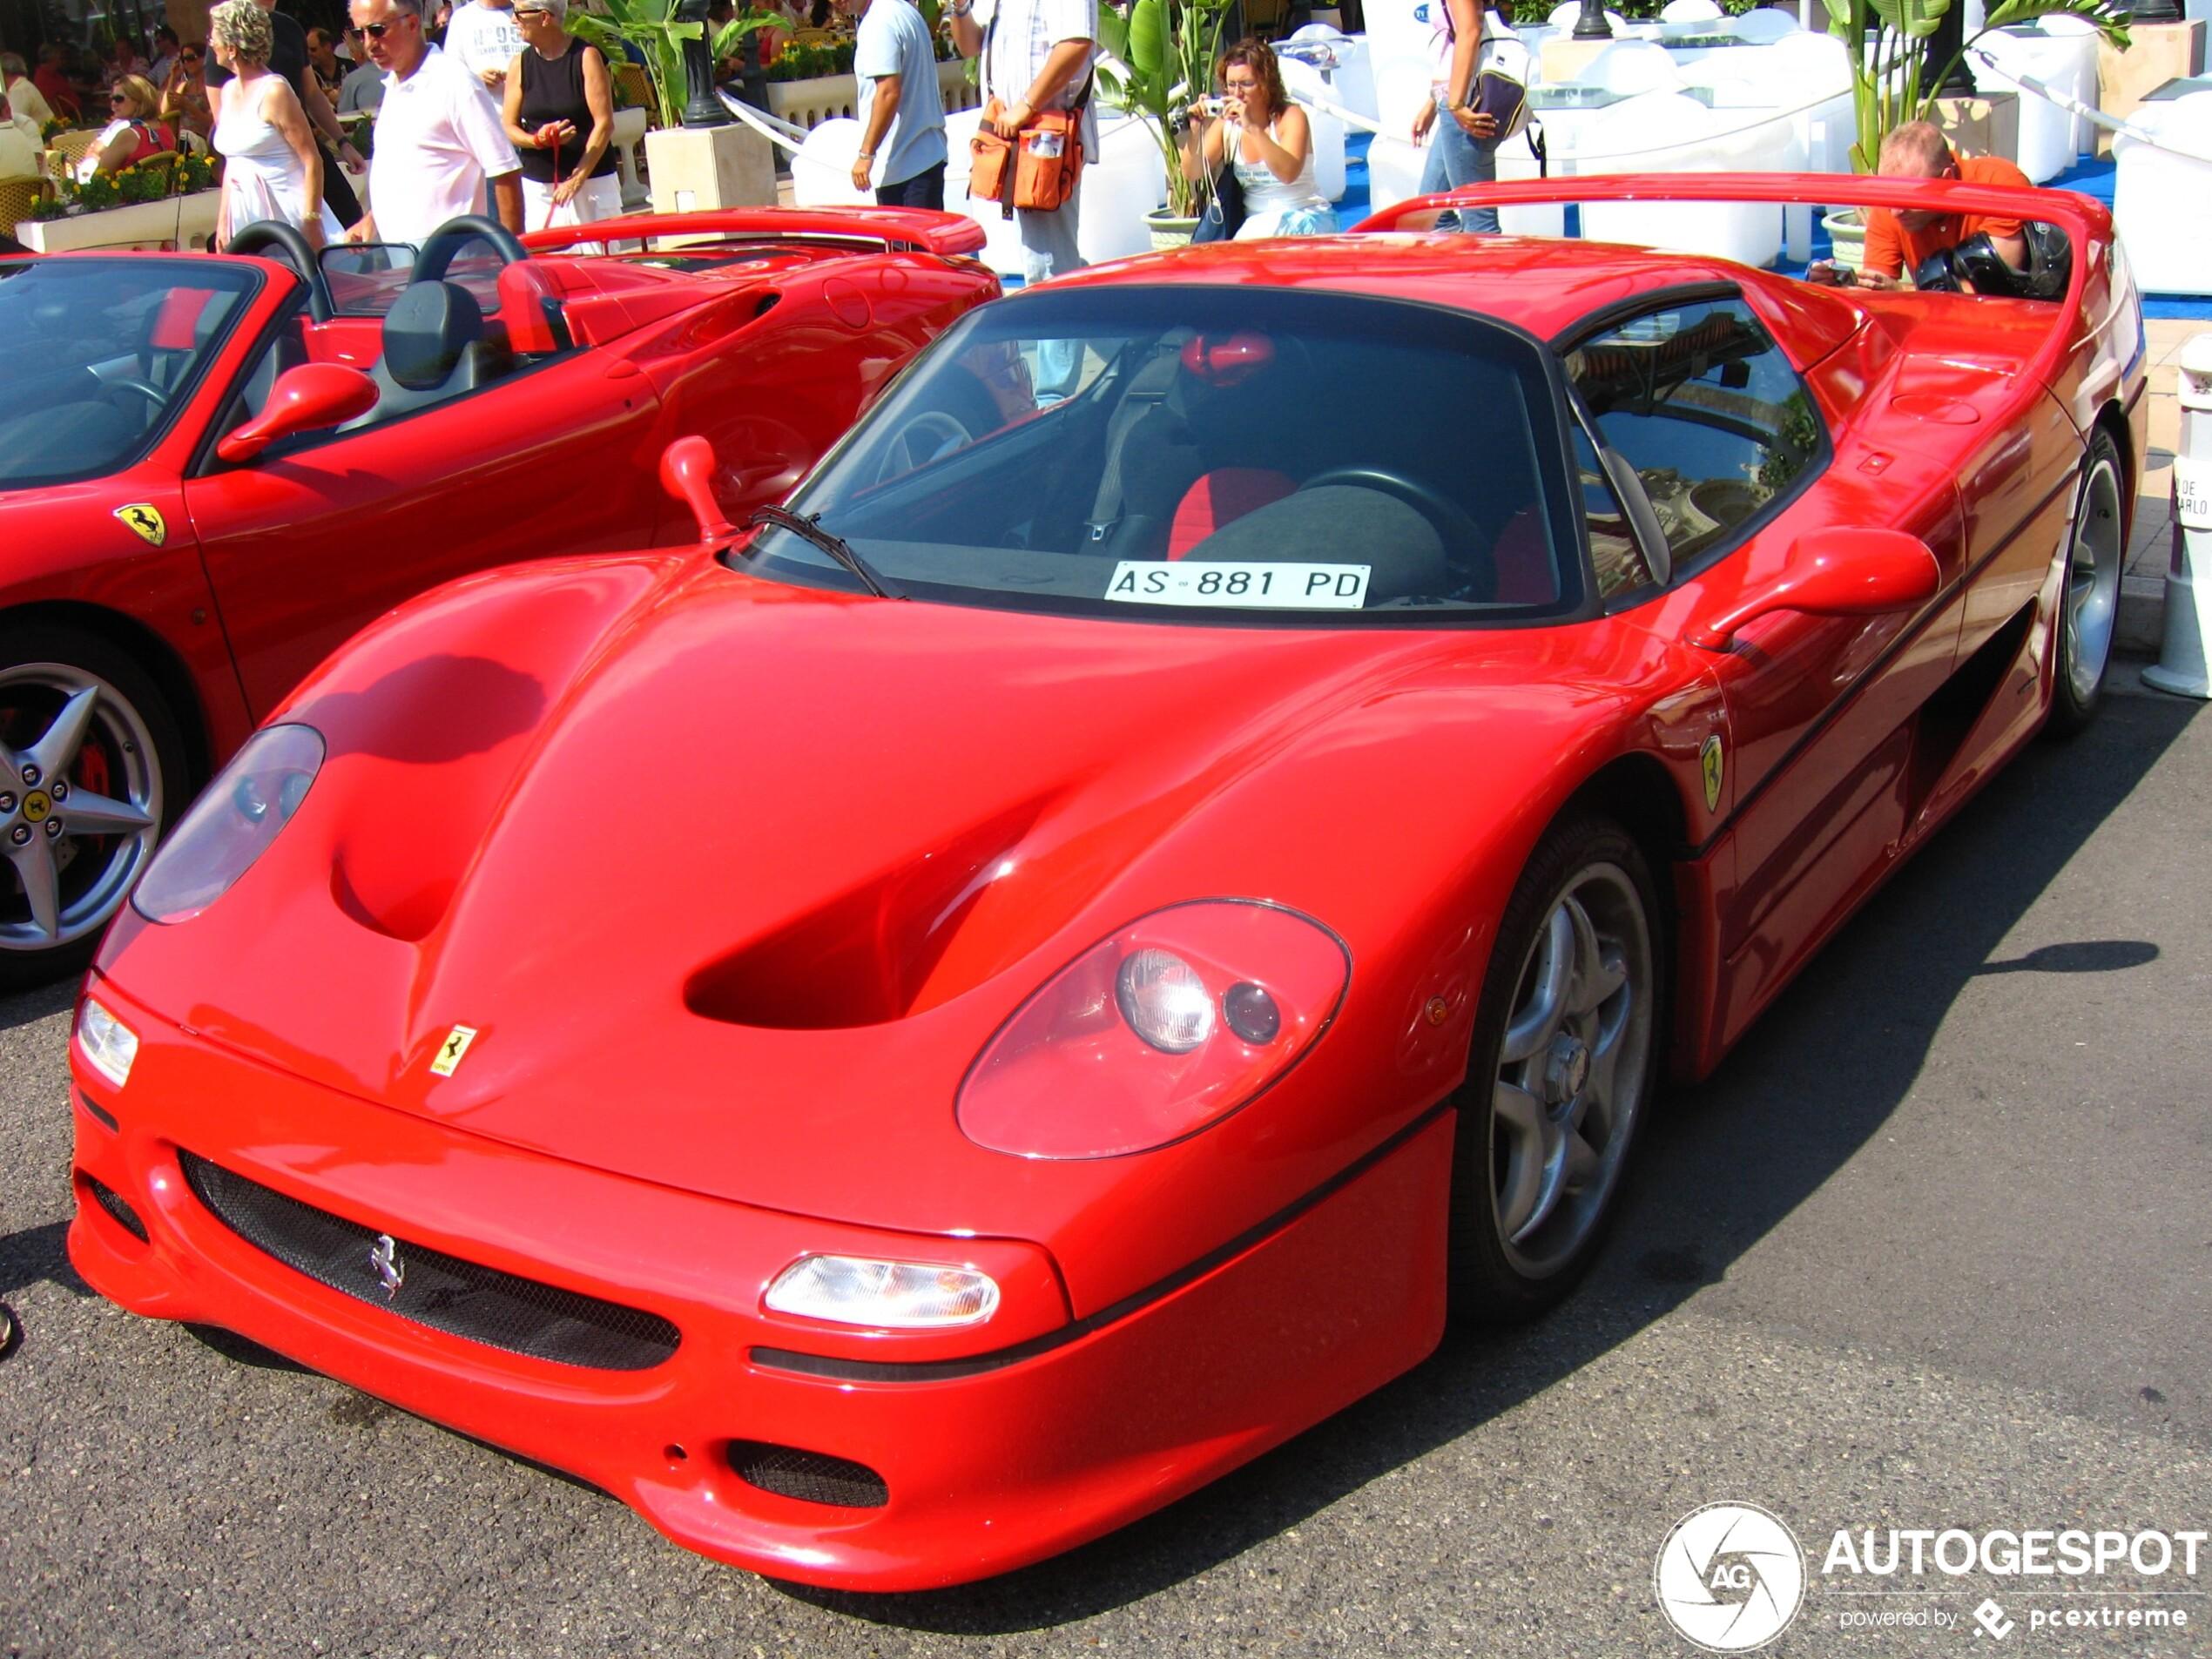 Ferrari F50 in Monaco brengt ons terug in de tijd